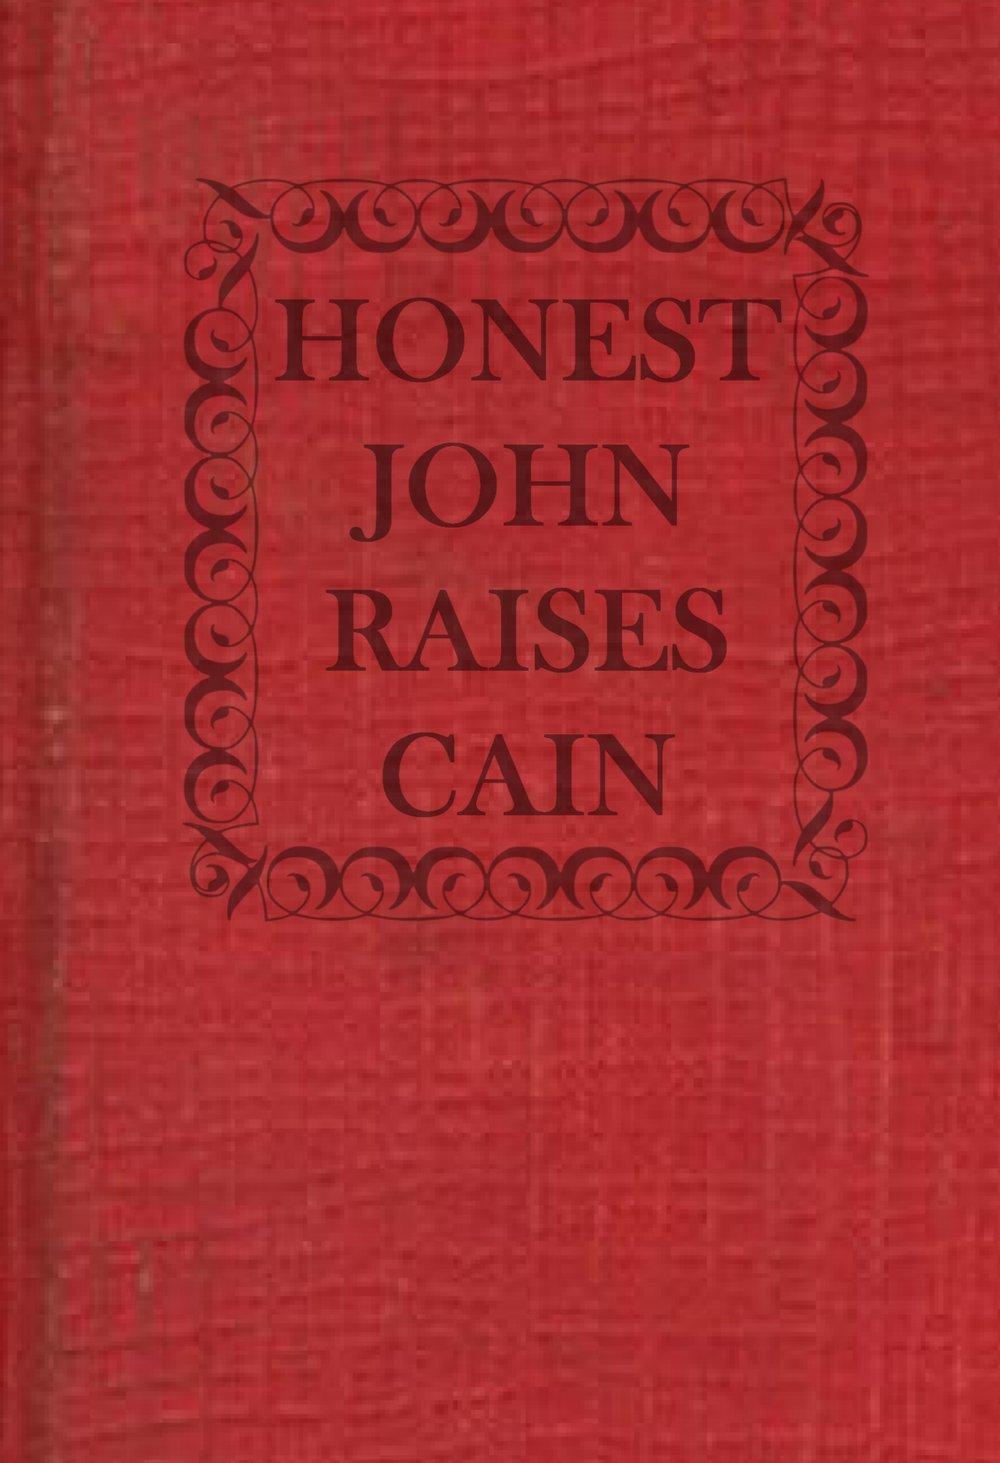 HonestJohnRaisesCain-kinde.jpg